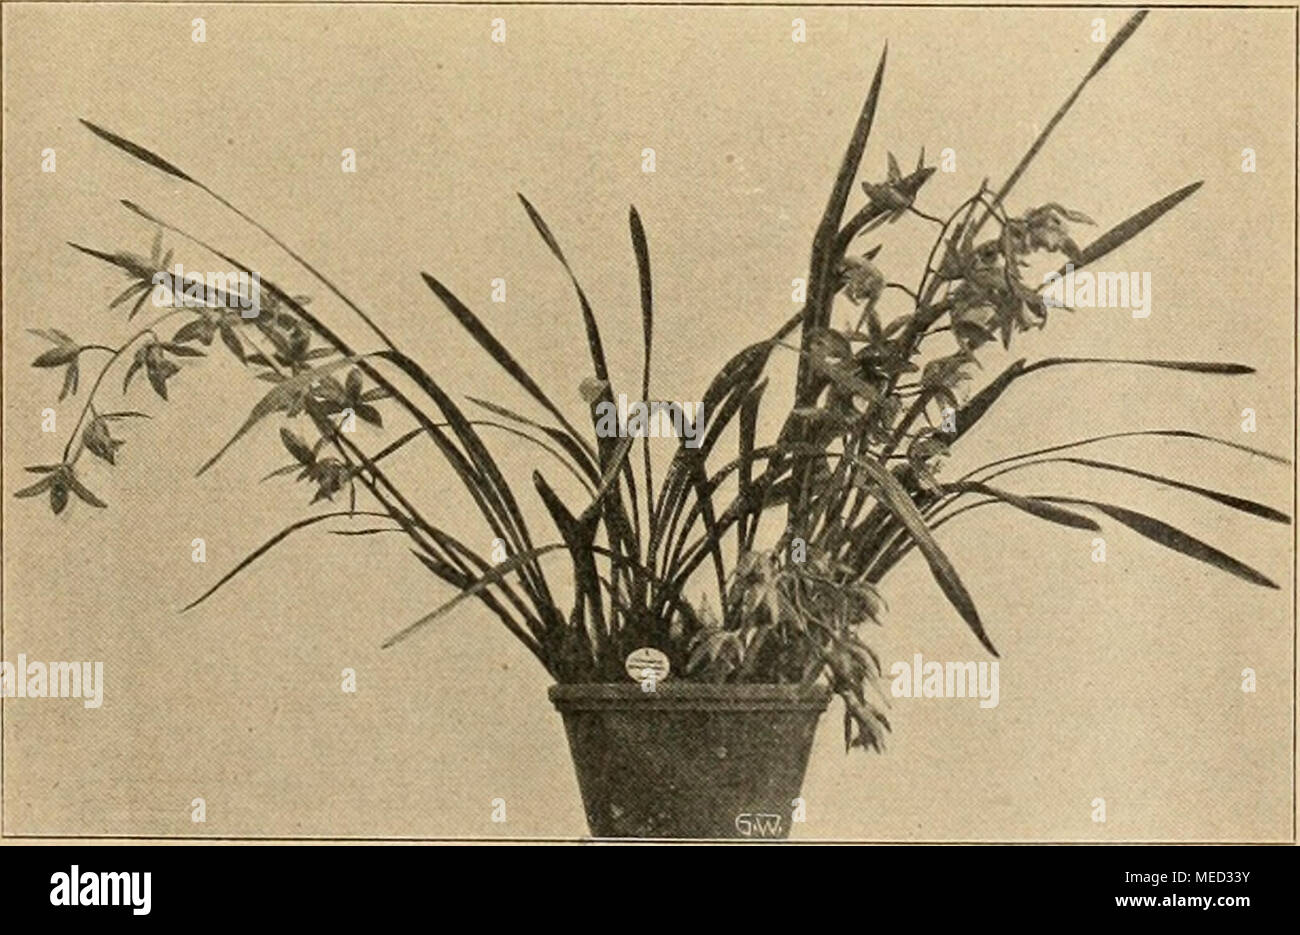 . Die Gartenwelt . Cymbidium grandiflorum. Pflanze und Einzelblume. Gartenwelt XV. Die Säule ist oberseits gelblichgrün, mit wenigen Punkten überstreut, an der Unterseite rotbraun ge- stridielt. Den an Form und Farbe edlen Blüten ist ein feiner, sehr angenehmer Duft eigen. In der Fachliteratur wird hin und wieder auf das Abfallen der Knospen bei Cymbidium grandiflorum hingewiesen, wie es in mehreren Gärten beobachtet worden ist. Wenn die Knospen etwa Vs ihrer normalen Größe erreicht haben, kann es vorkommen, daß dieselben an sonst gesunden Pflanzen scheinbar ohne Ursache gelb werden und abfall Stock Photo